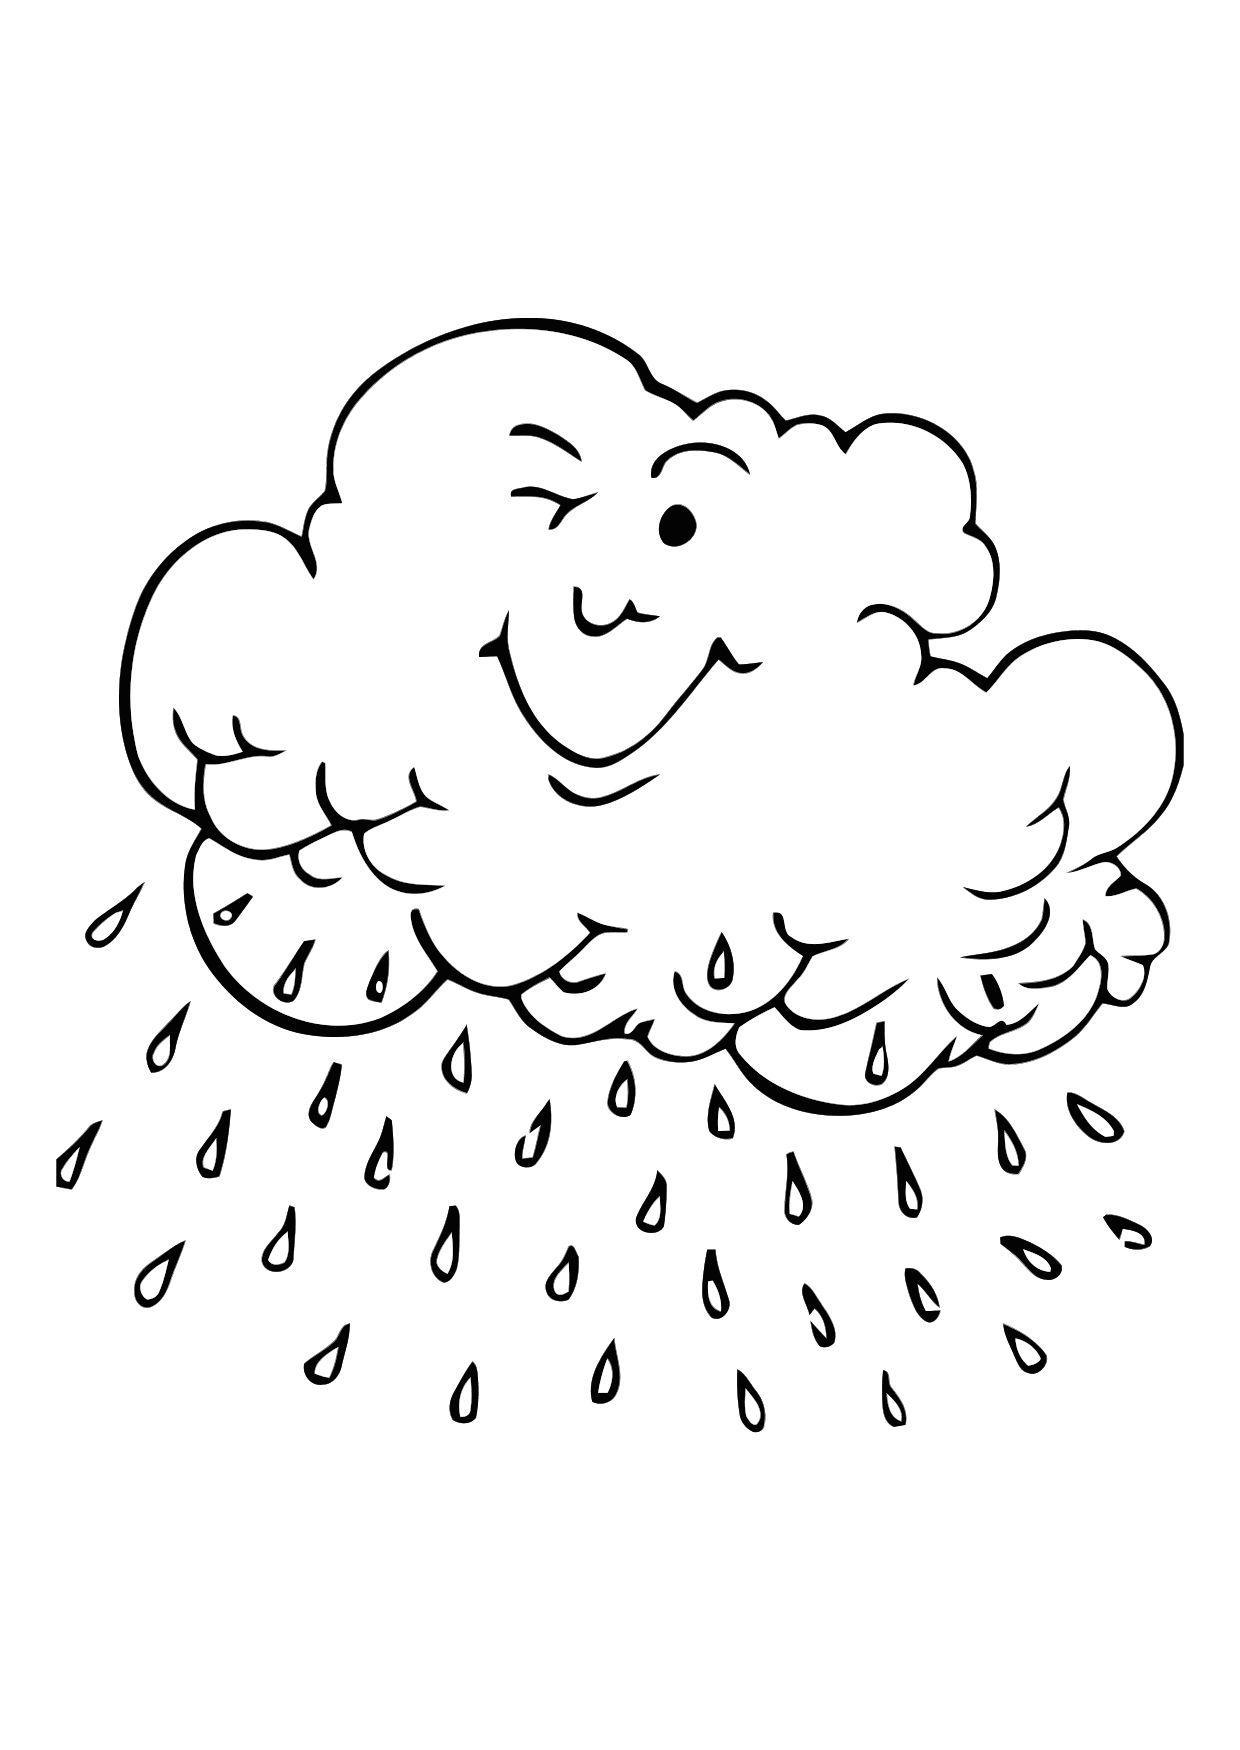 malvorlage regenwolke  ausmalbild 11352